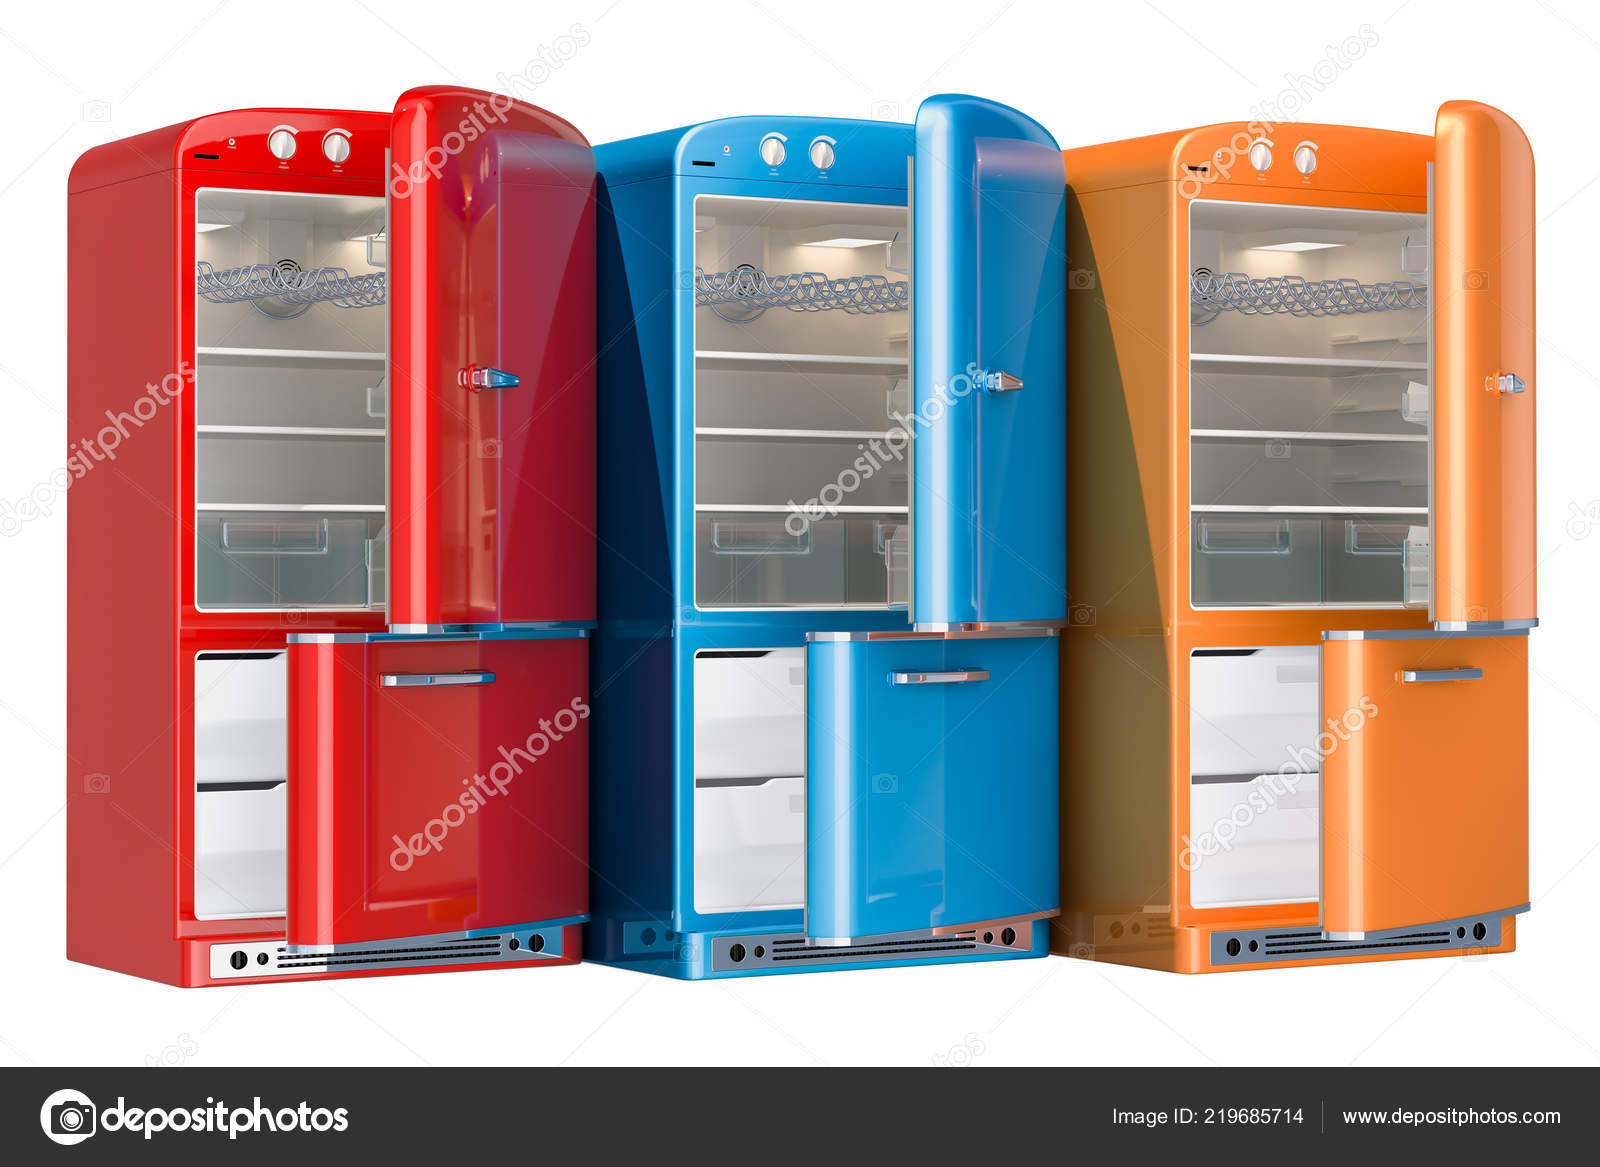 Kühlschrank Usa Retro : Farbige kühlschränke retro design eröffnet rendering isoliert auf